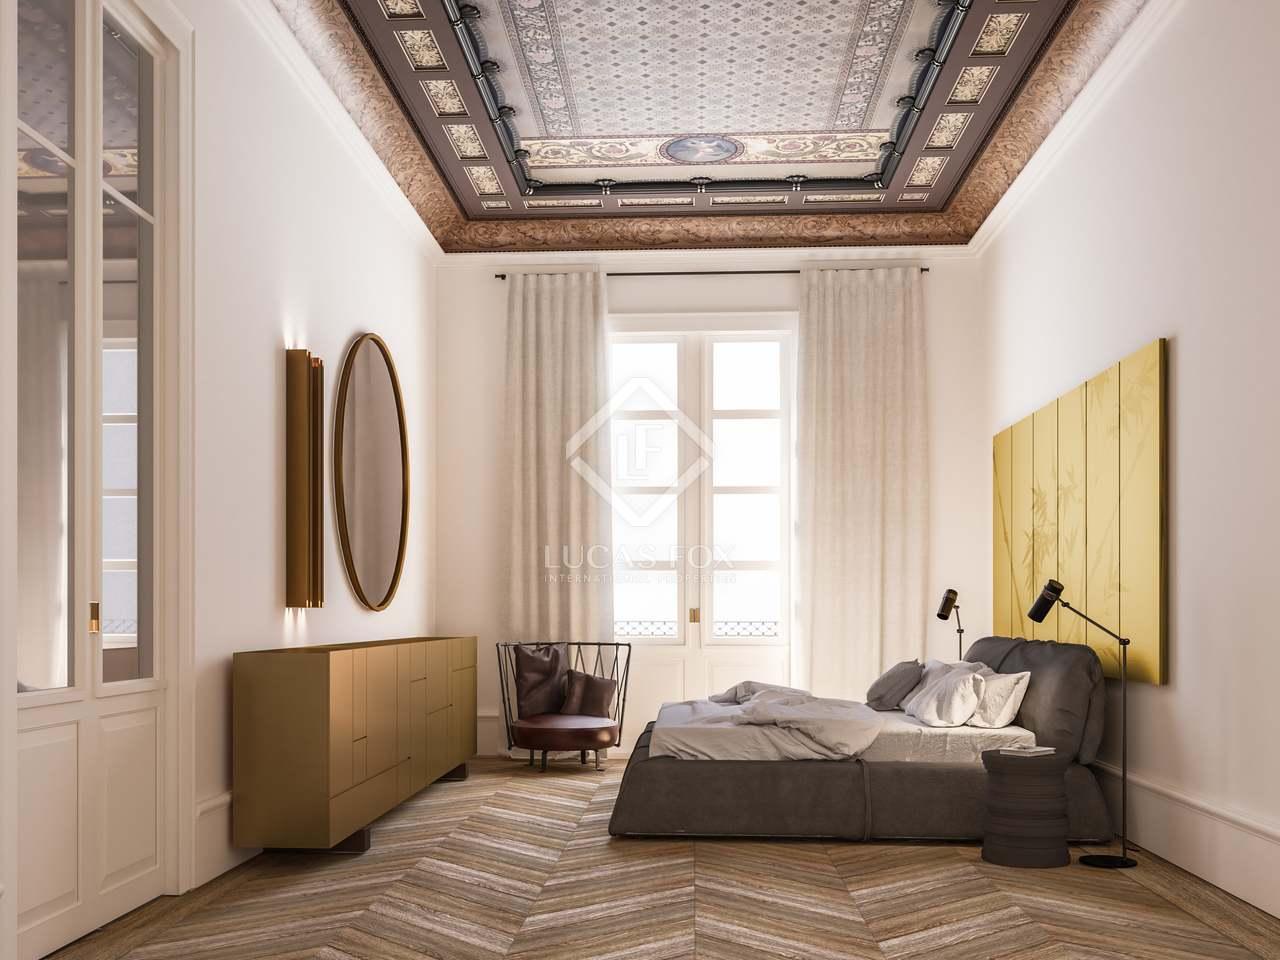 Appartement van 161m² te koop in Barceloneta, Barcelona